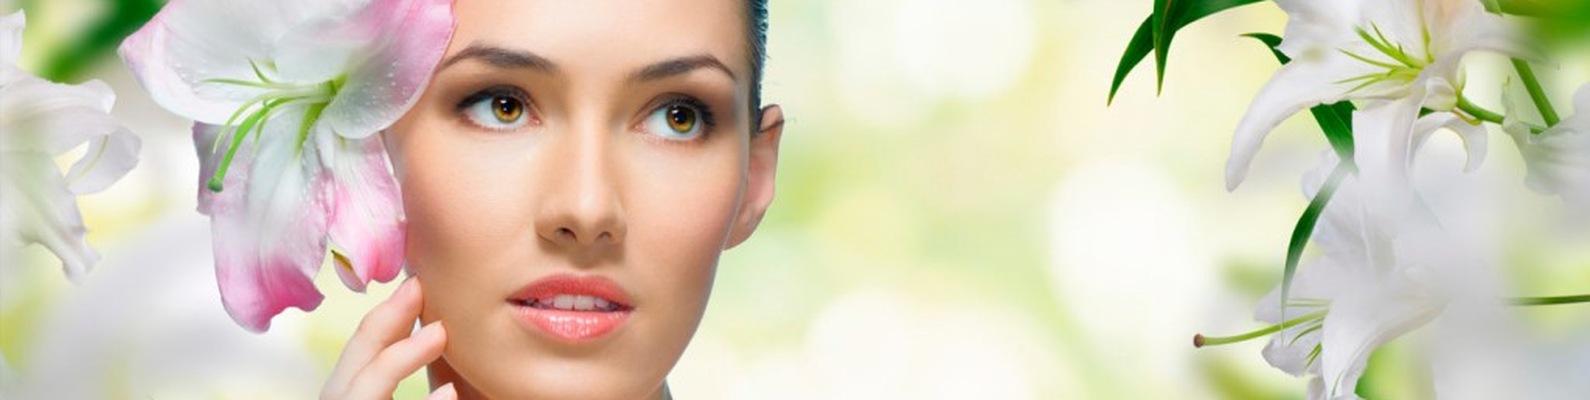 Косметолог консультация - Косметика для бани, сауны, в хаммам: подбираем для лица и тела